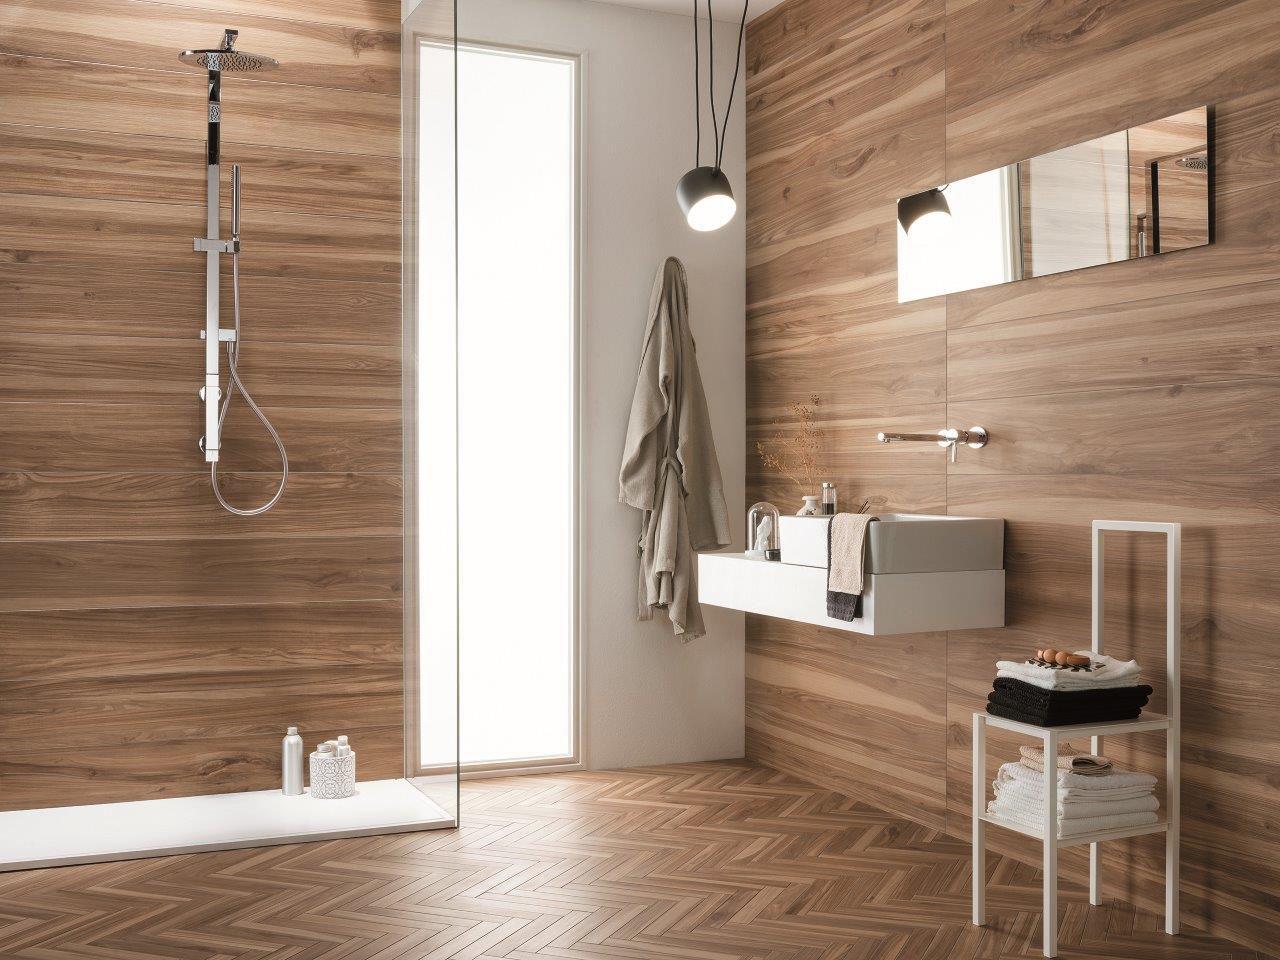 Koupelny a interiéry od návrhu po realizaci